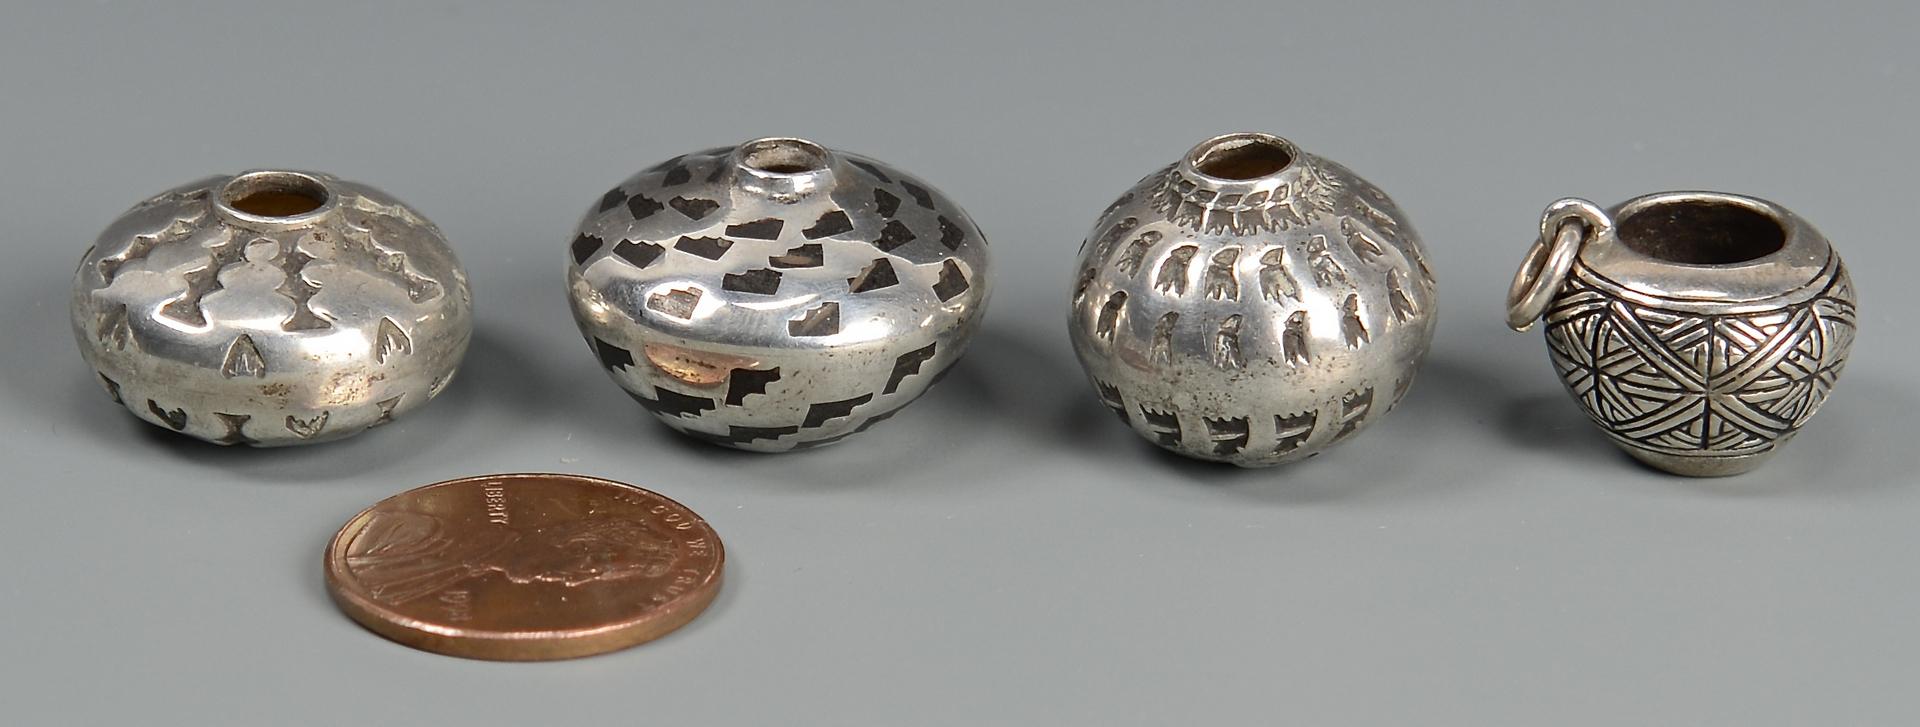 Lot 450: 4 Miniature Navajo Silver Jars